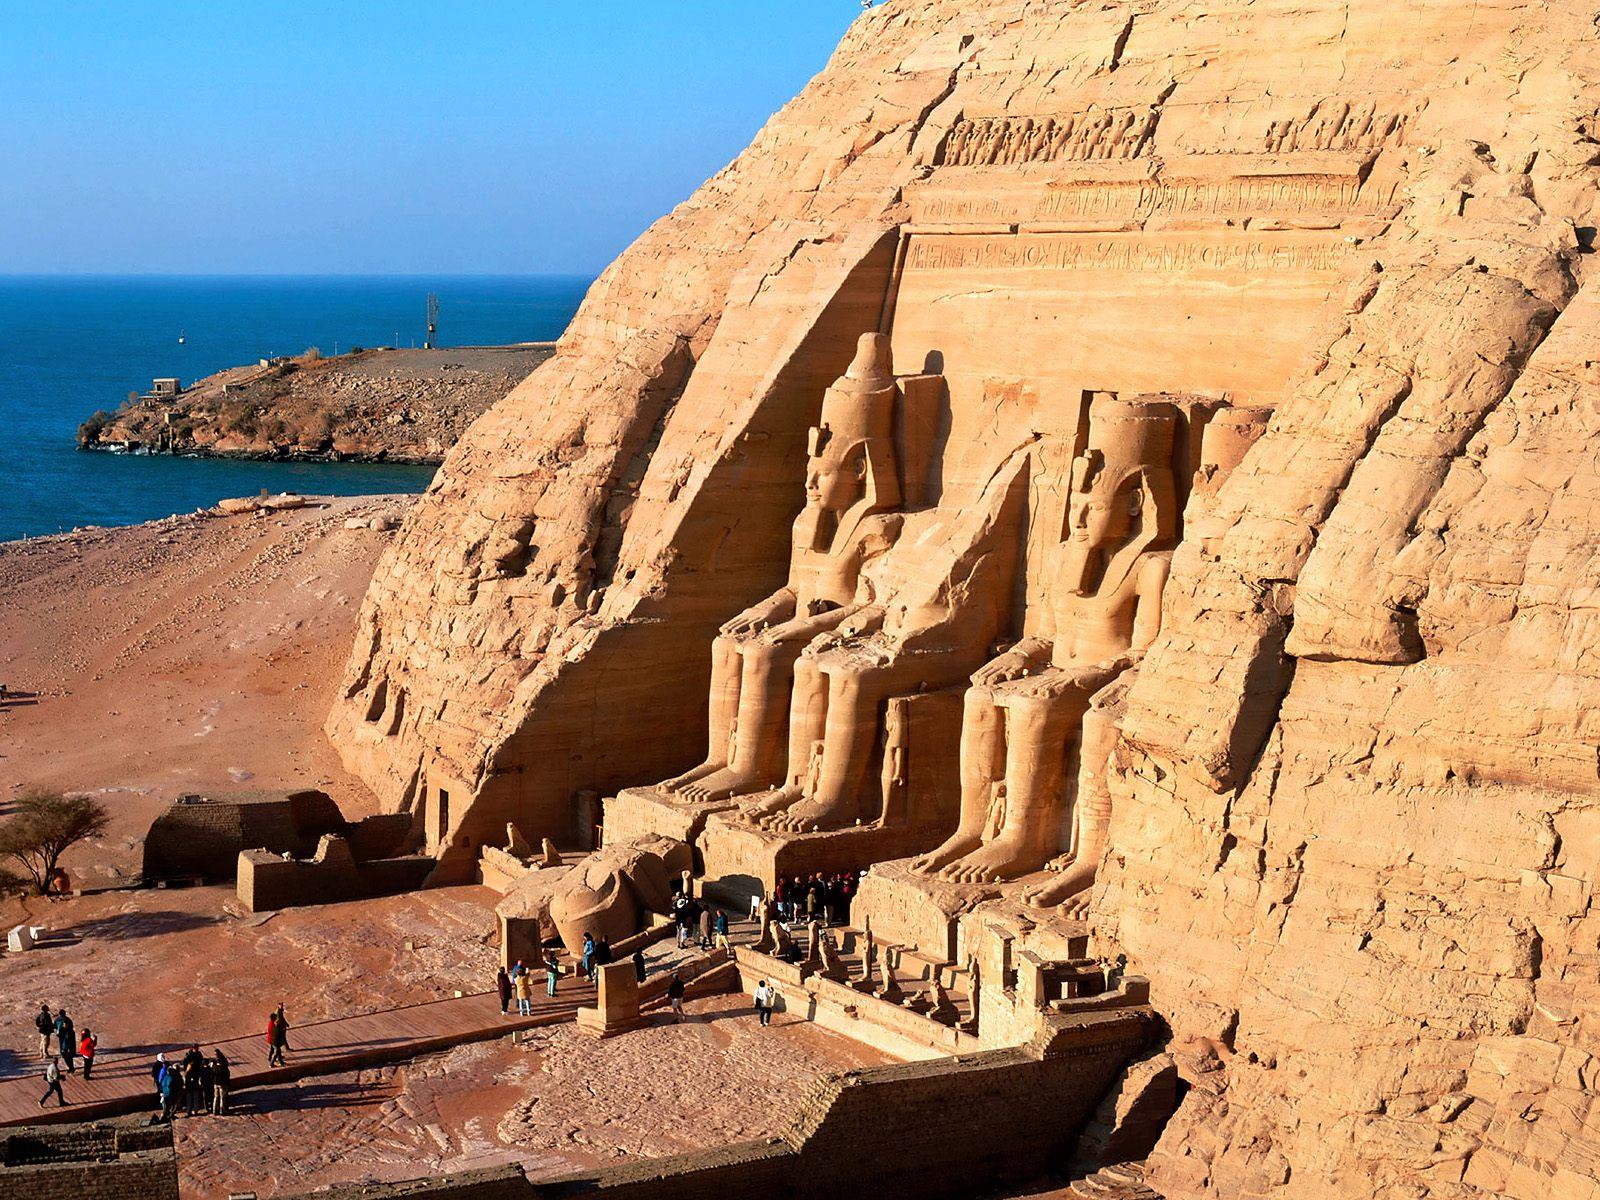 HQ Abu Simbel Near Aswan Egypt Wallpaper   HQ Wallpapers 1600x1200